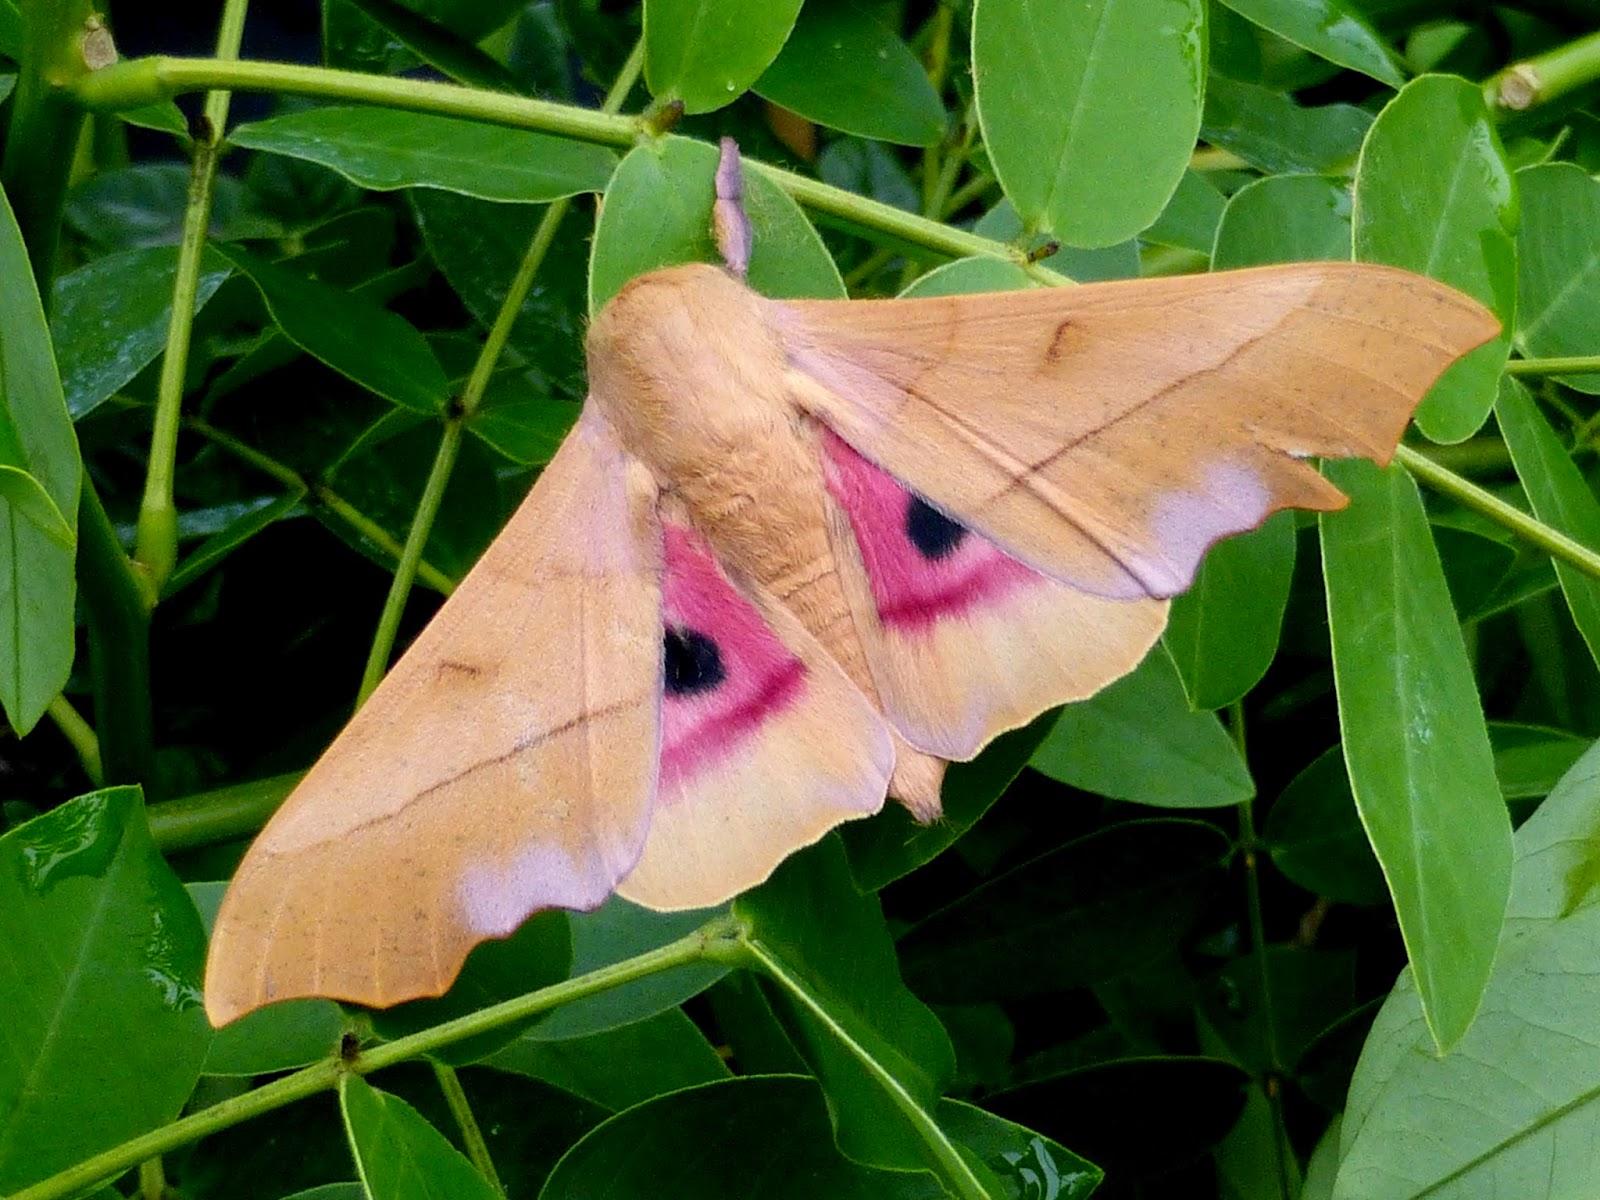 Syssphinx molina male